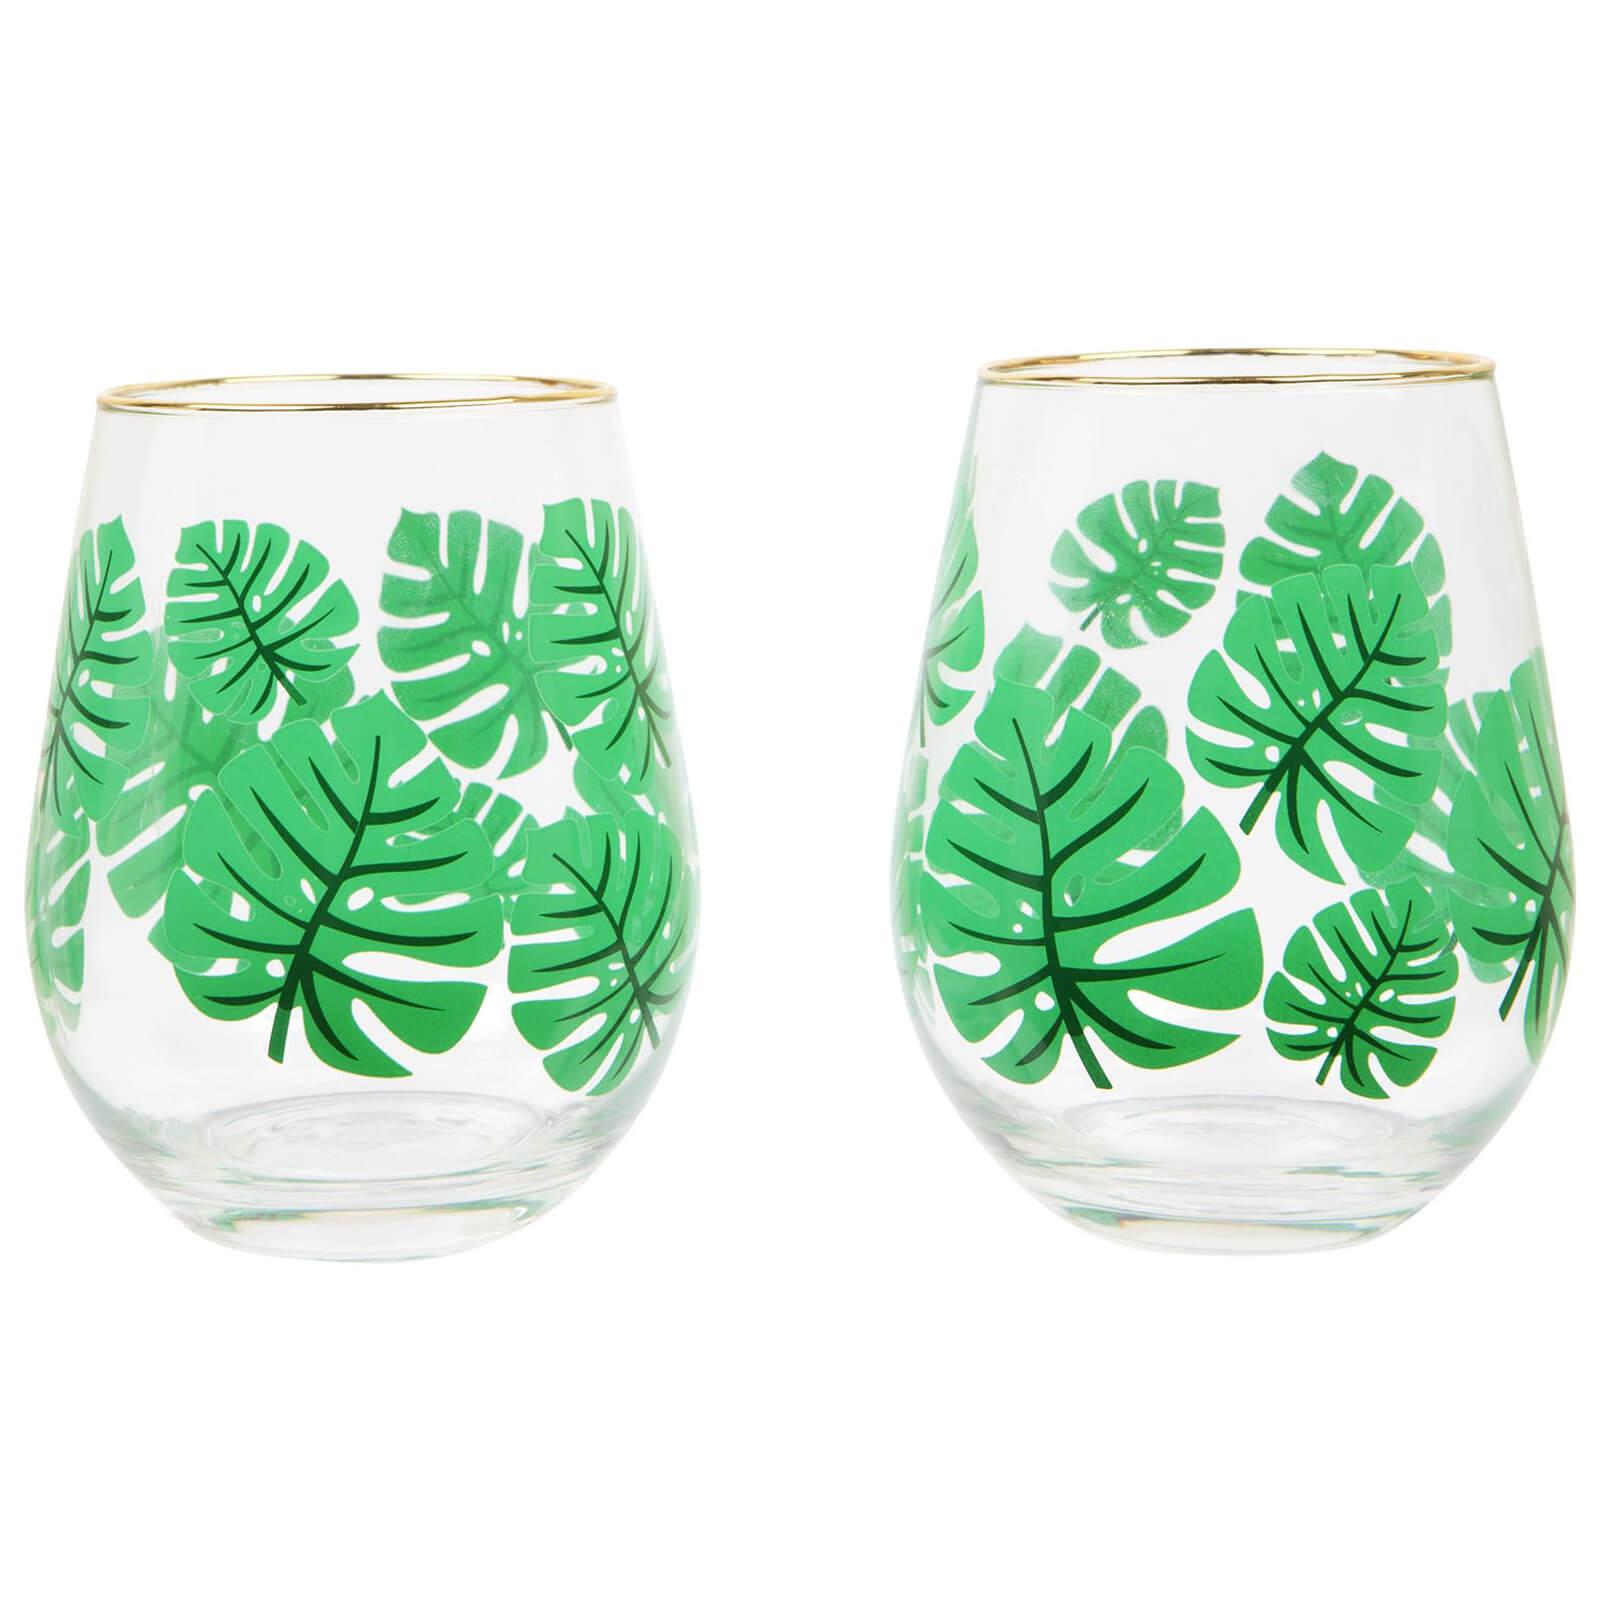 Sunnylife Stemless Cocktail Glasses - Monteverde